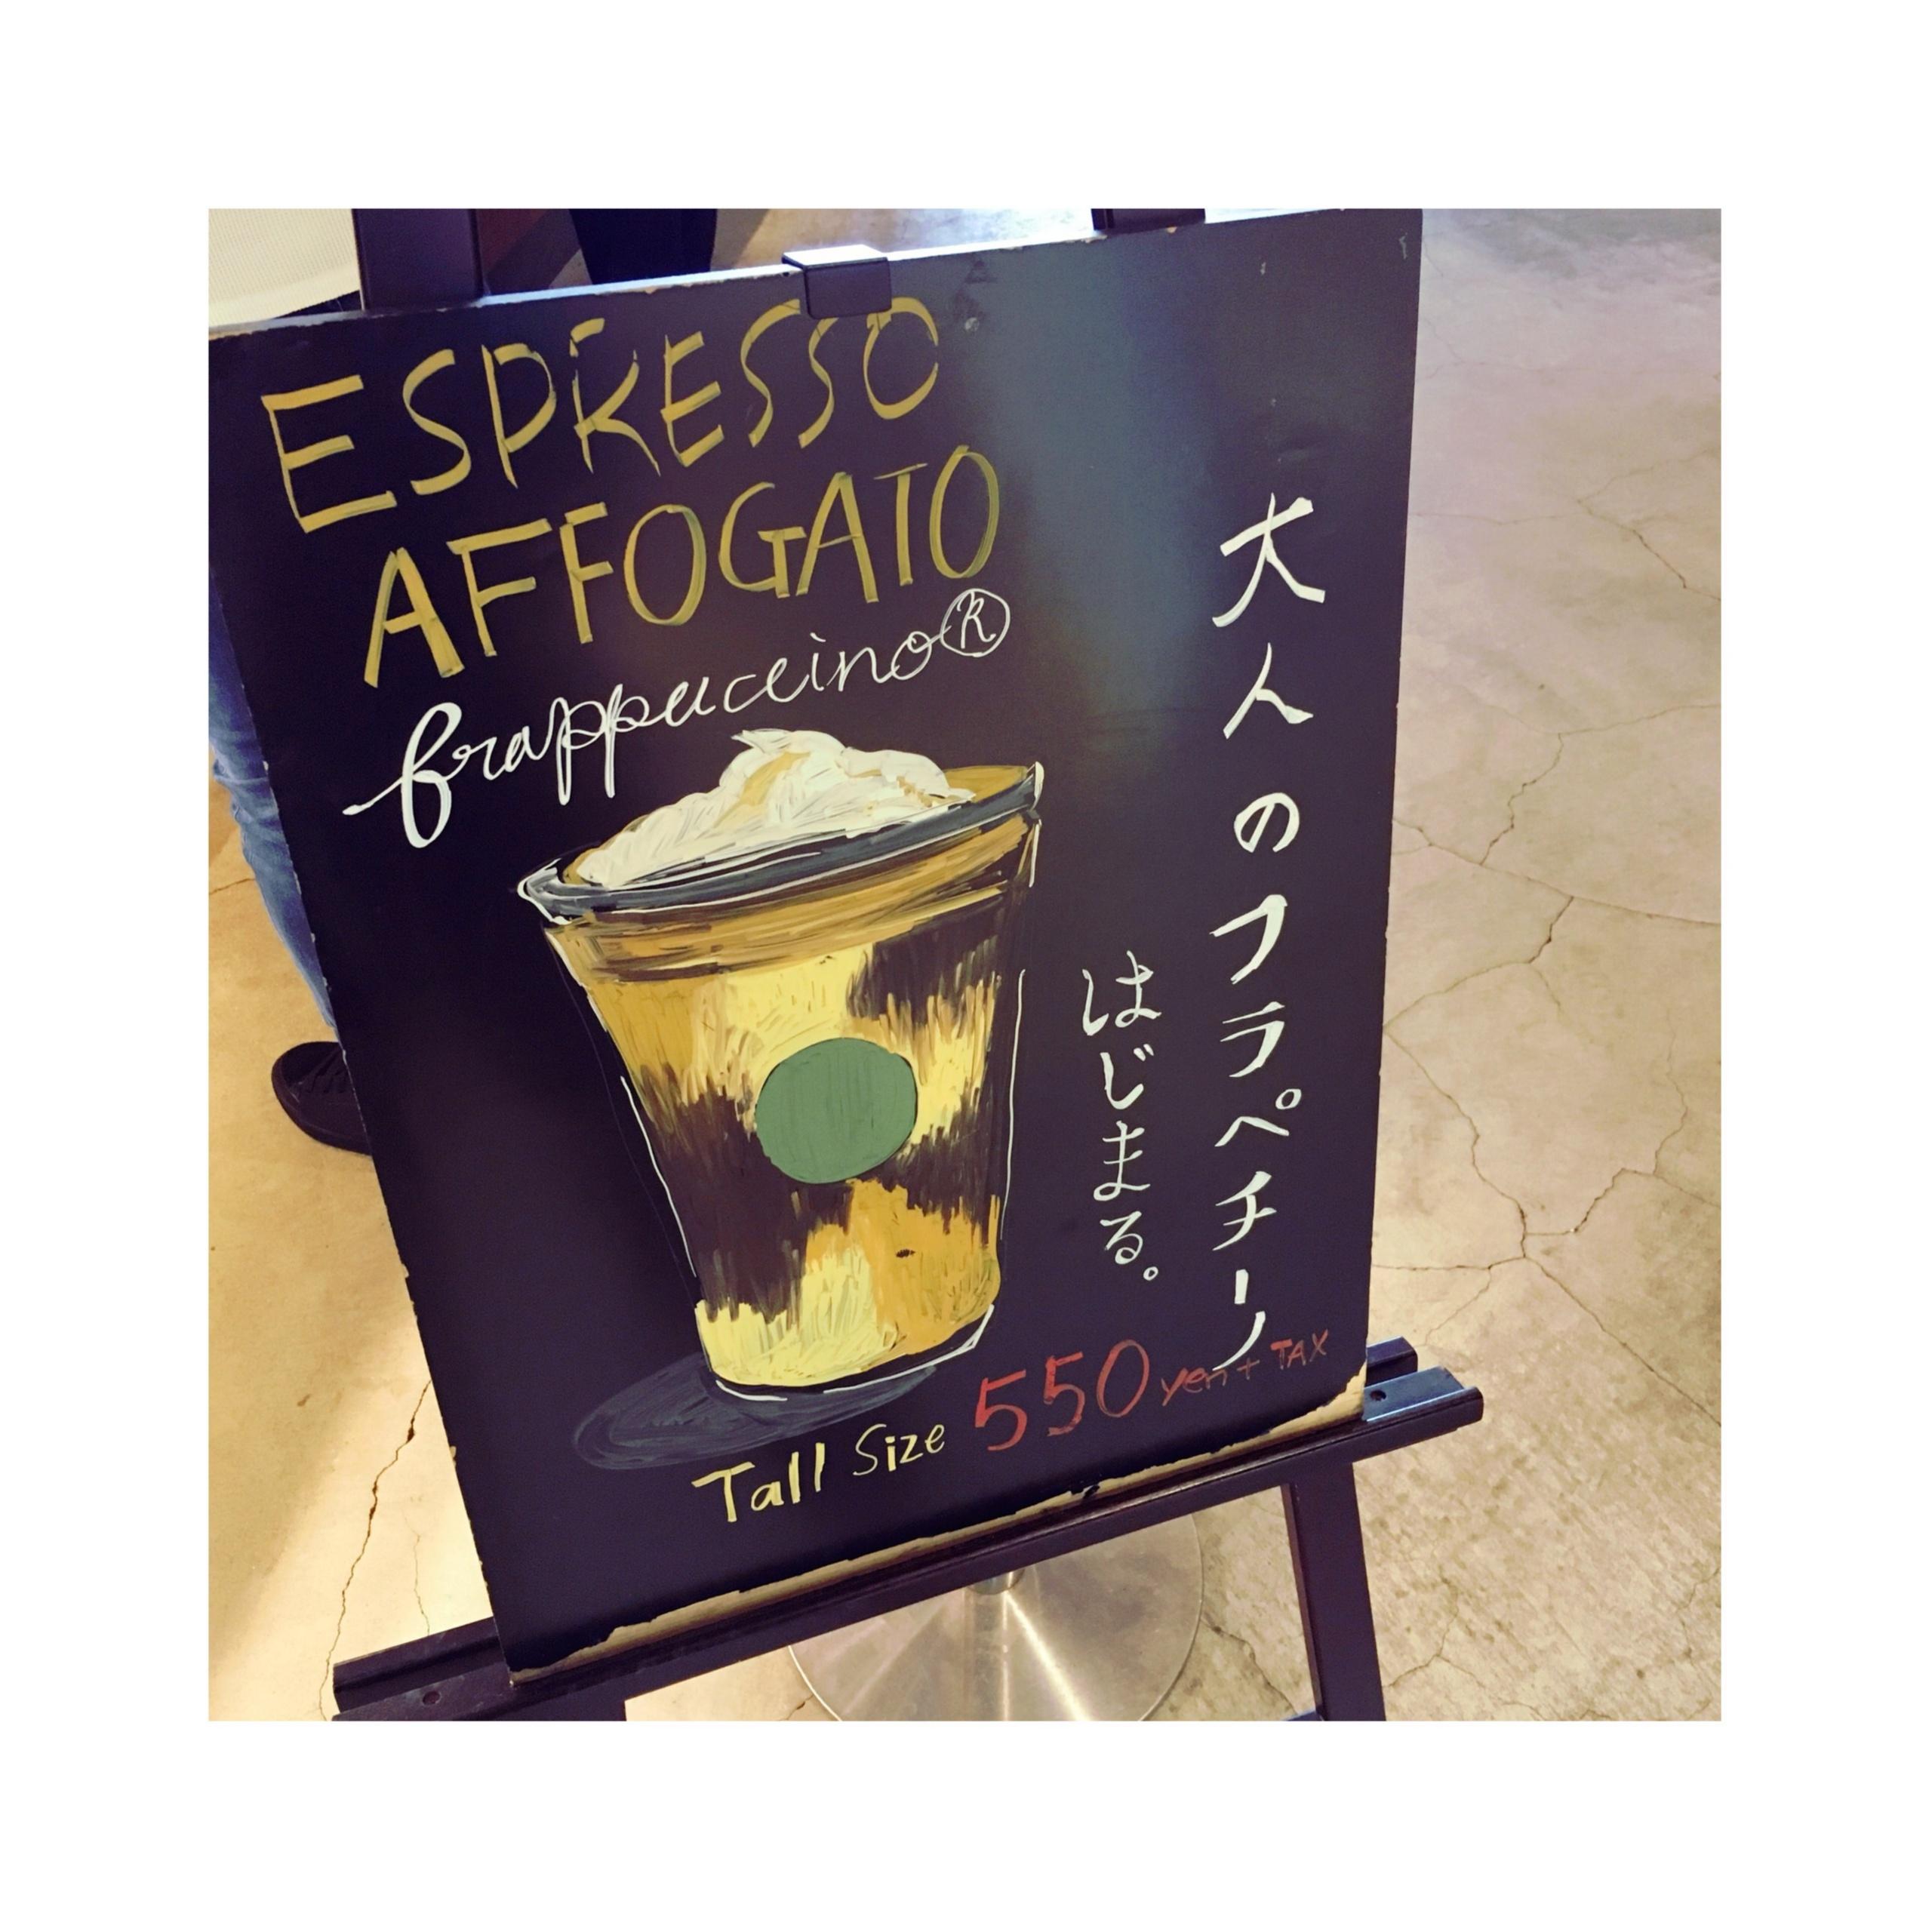 《本日5/9より発売開始★》【スタバ】の新作〝大人のフラペチーノ〟エスプレッソ アフォガート フラペチーノを飲んでみました❤️限定コースターもゲット!_2